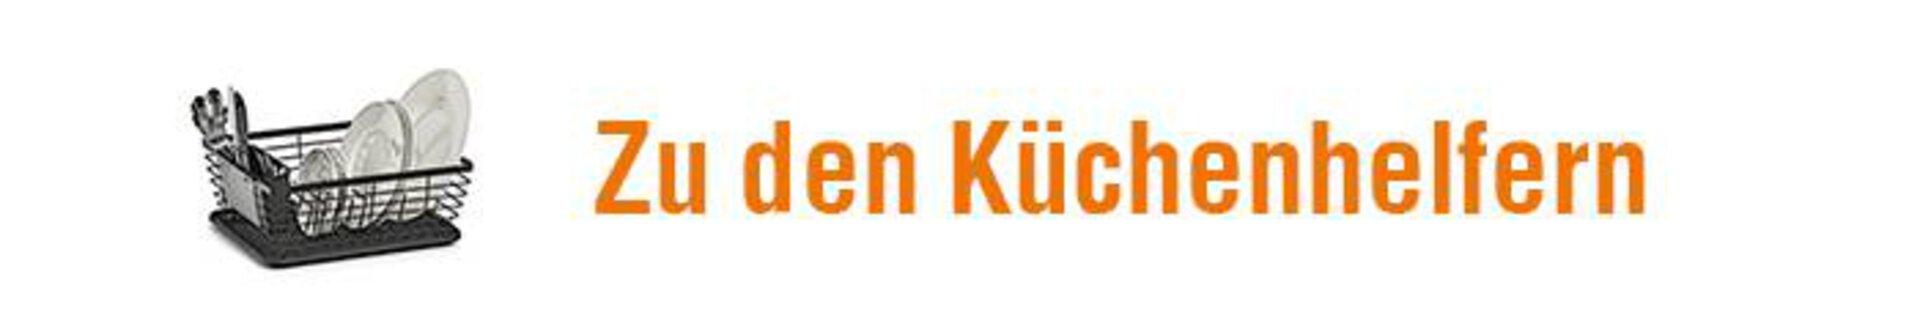 Link-Bild zu den Küchenhelfern